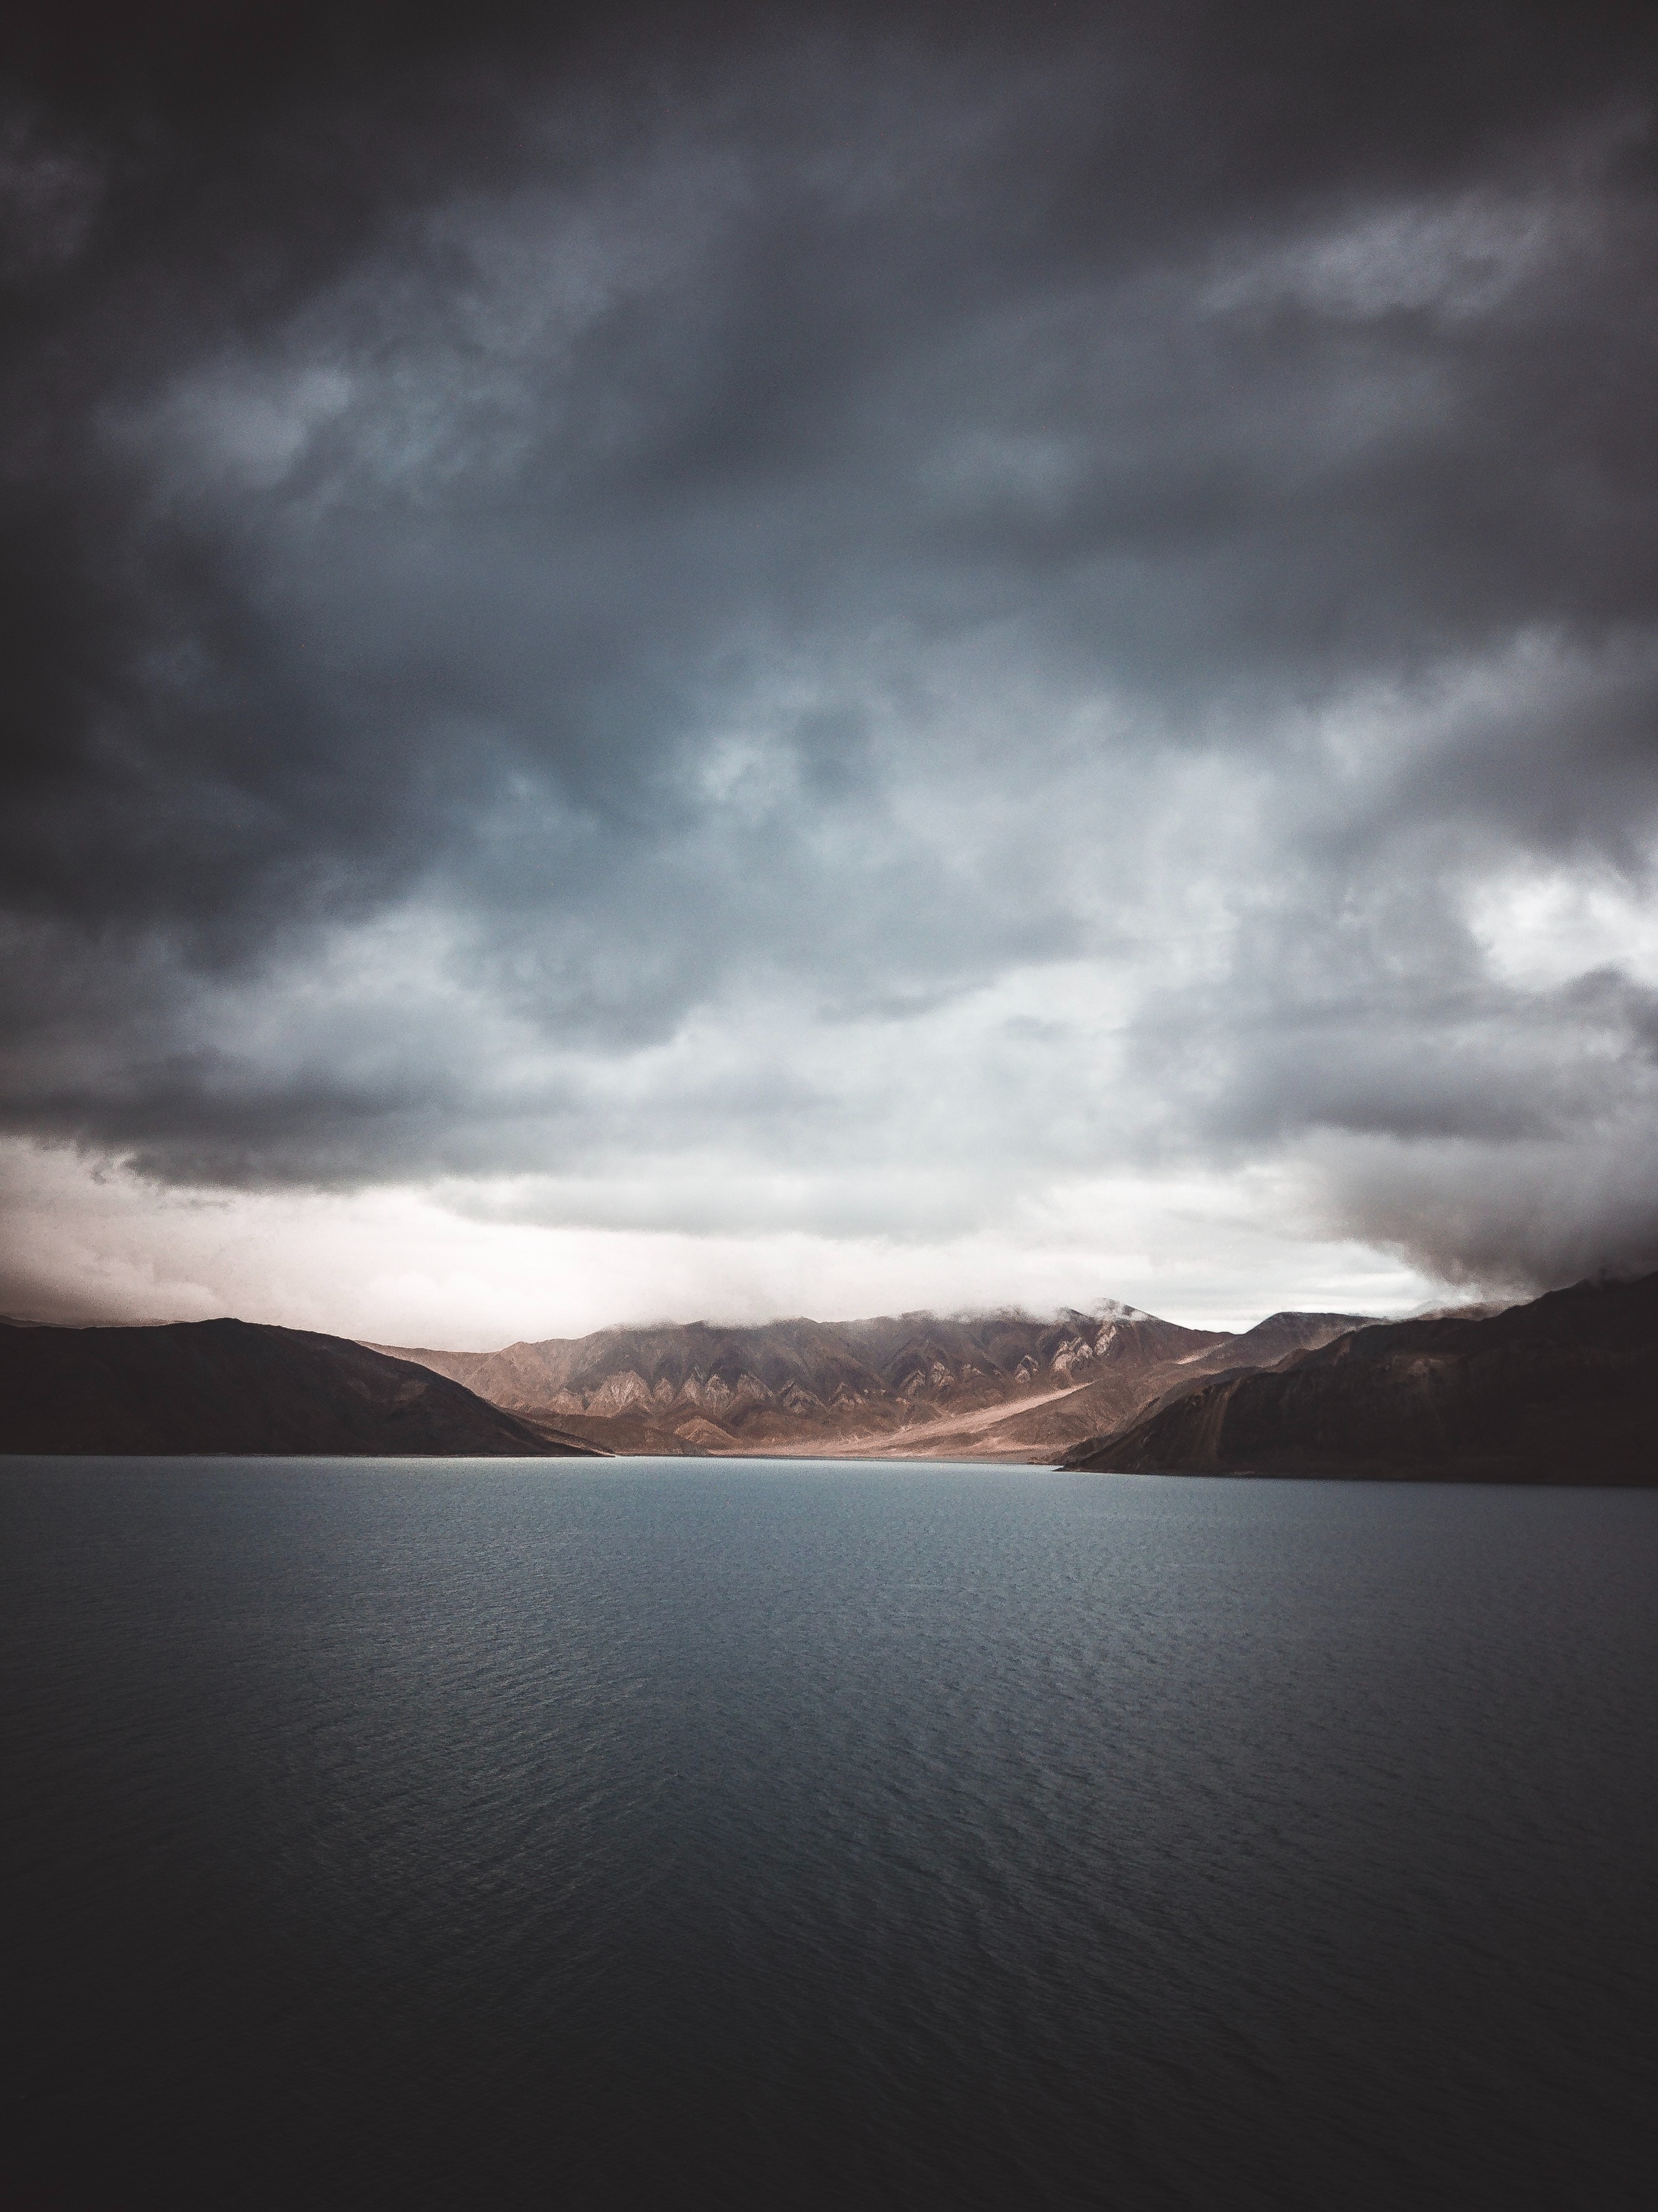 140047 Hintergrundbild 1024x600 kostenlos auf deinem Handy, lade Bilder Natur, Mountains, See, Indien, Bangong-Tso, Bangong-Zo 1024x600 auf dein Handy herunter